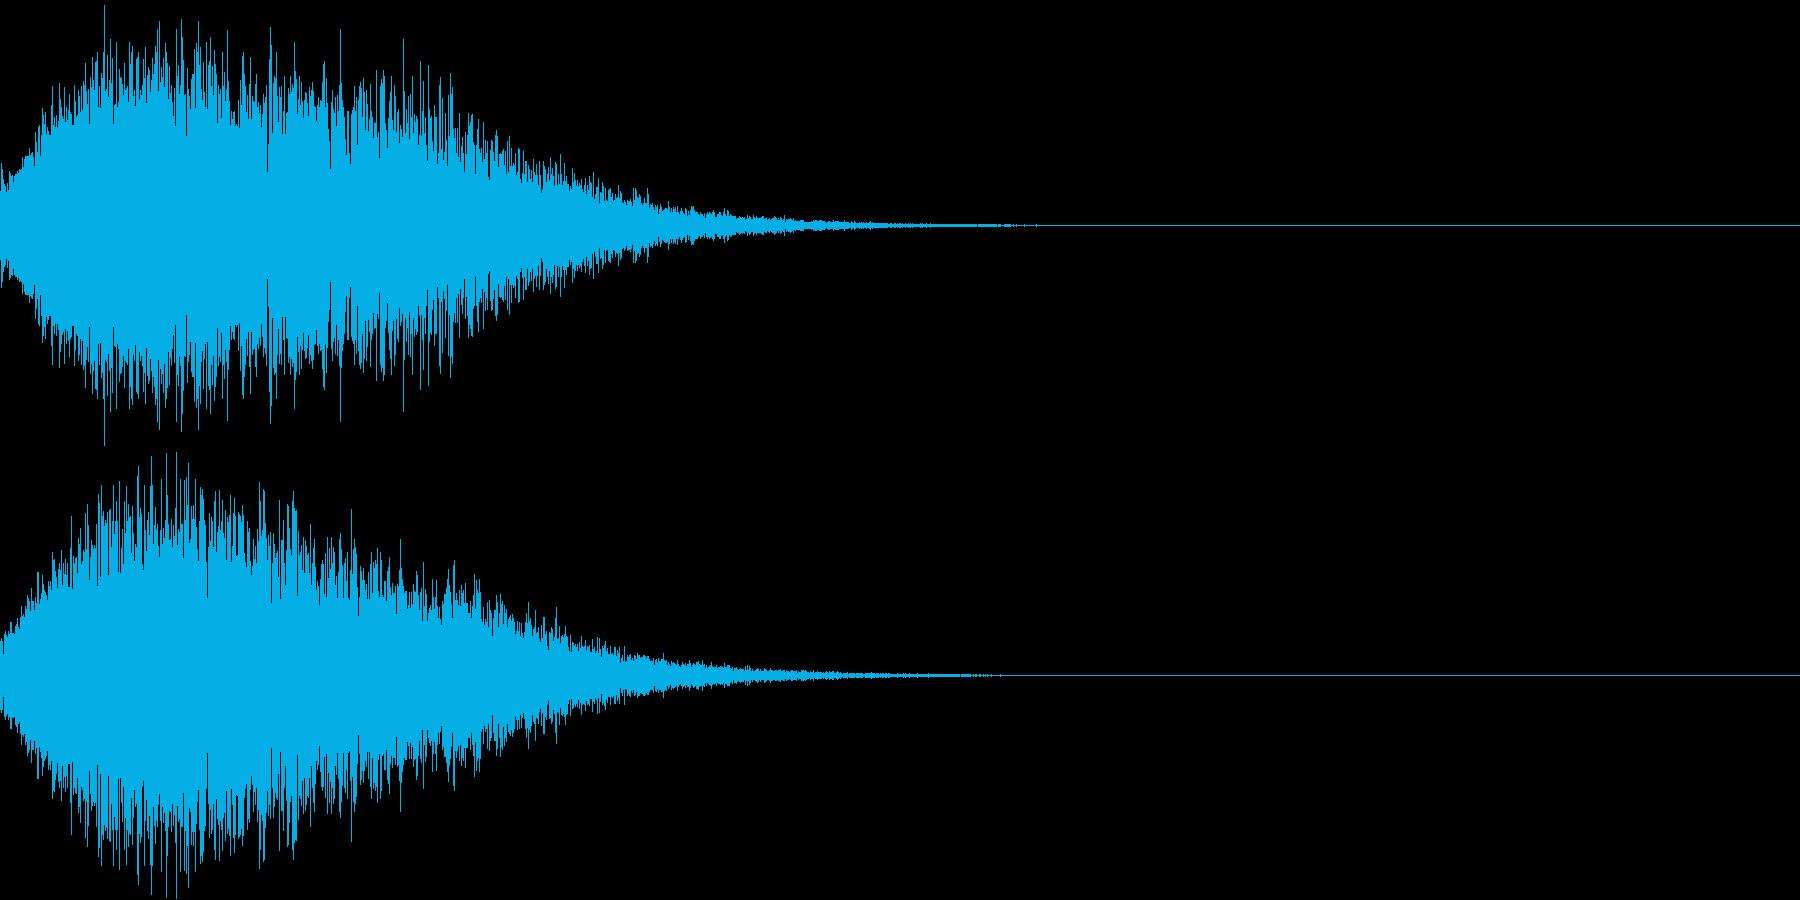 キュイン キーン シャキーン 光る 07の再生済みの波形